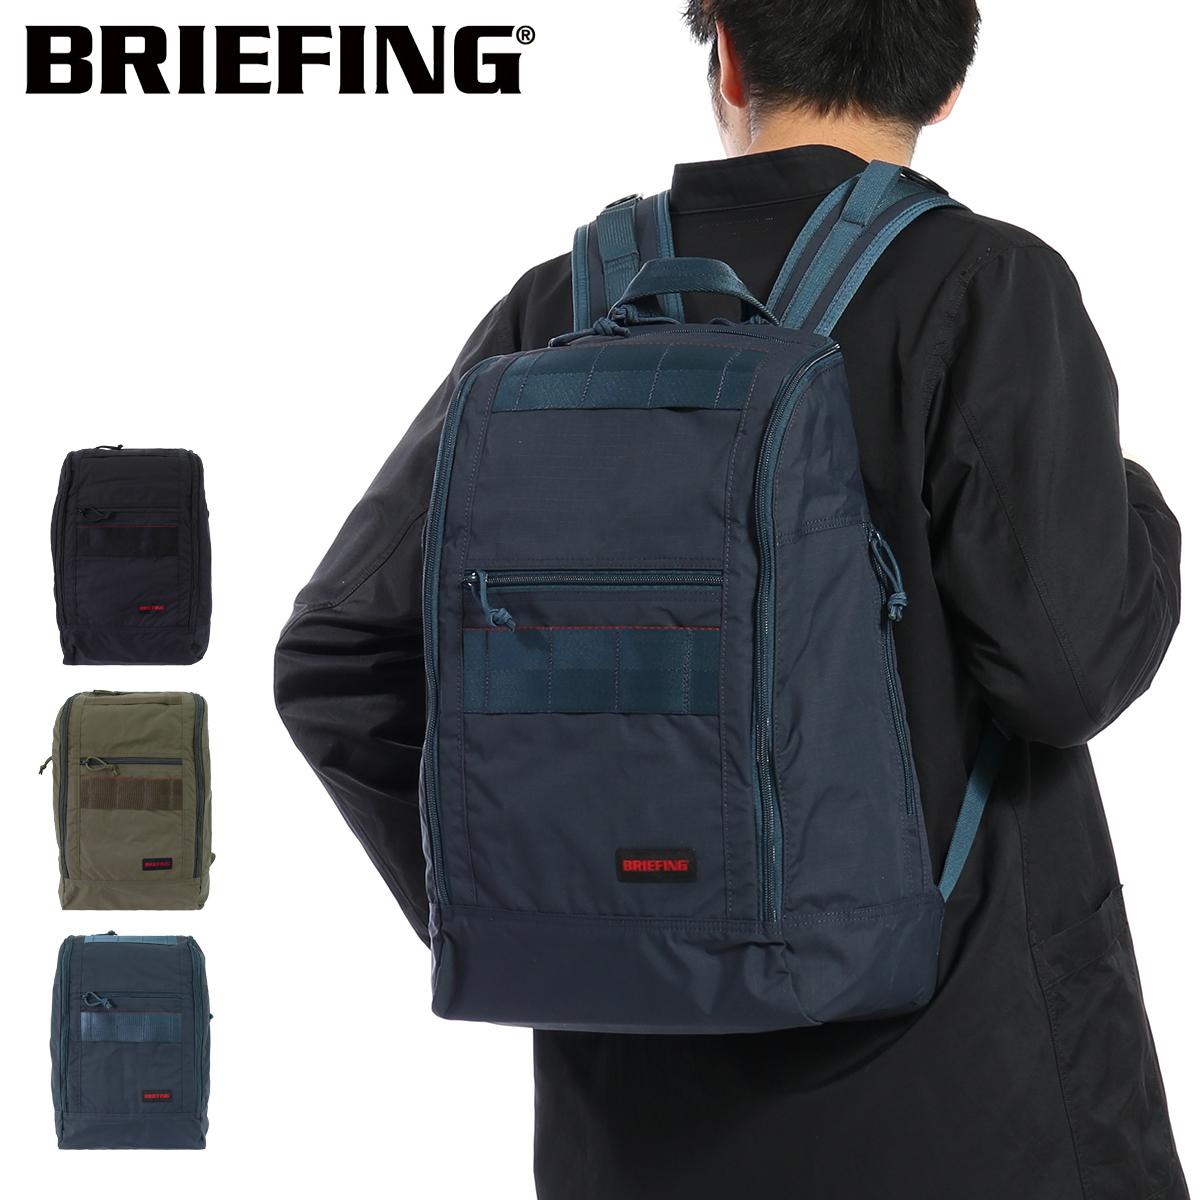 ブリーフィング リュック MODULEWARE メンズ BRM183101 BRIEFING   リュックサック[即日発送]